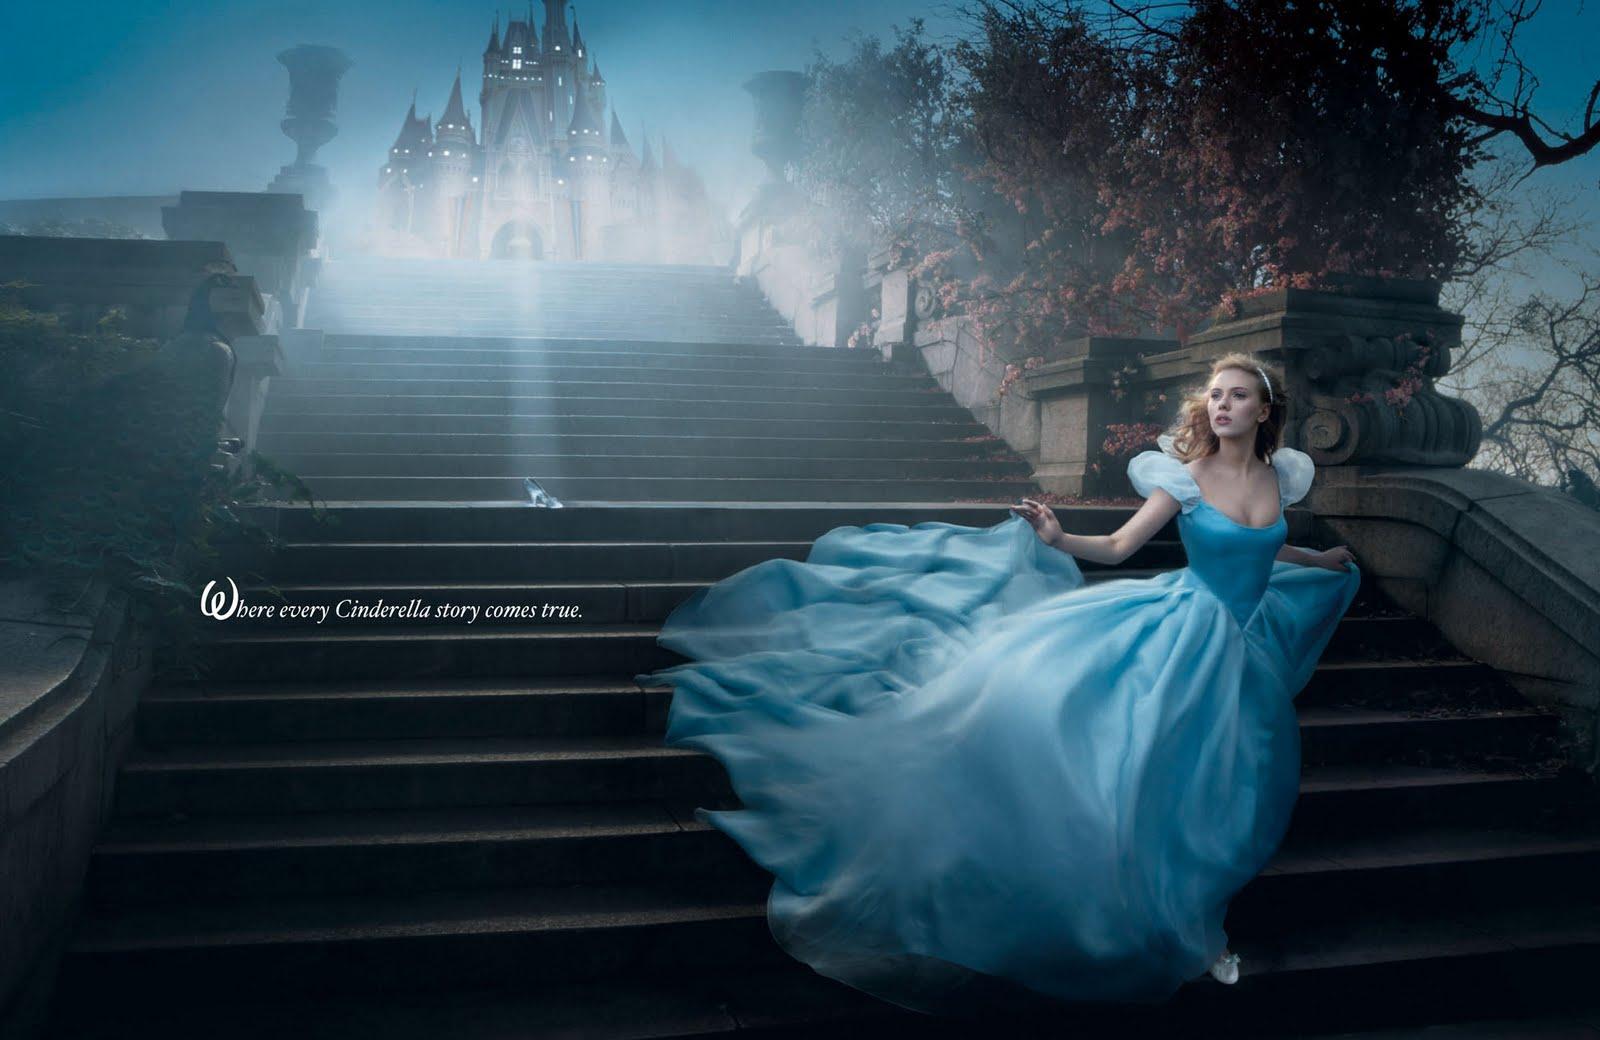 http://2.bp.blogspot.com/-kbtzNYtCIJg/TXVeL5iHw_I/AAAAAAAAEIU/ufsQXA-58bg/s1600/Cinderella.jpg